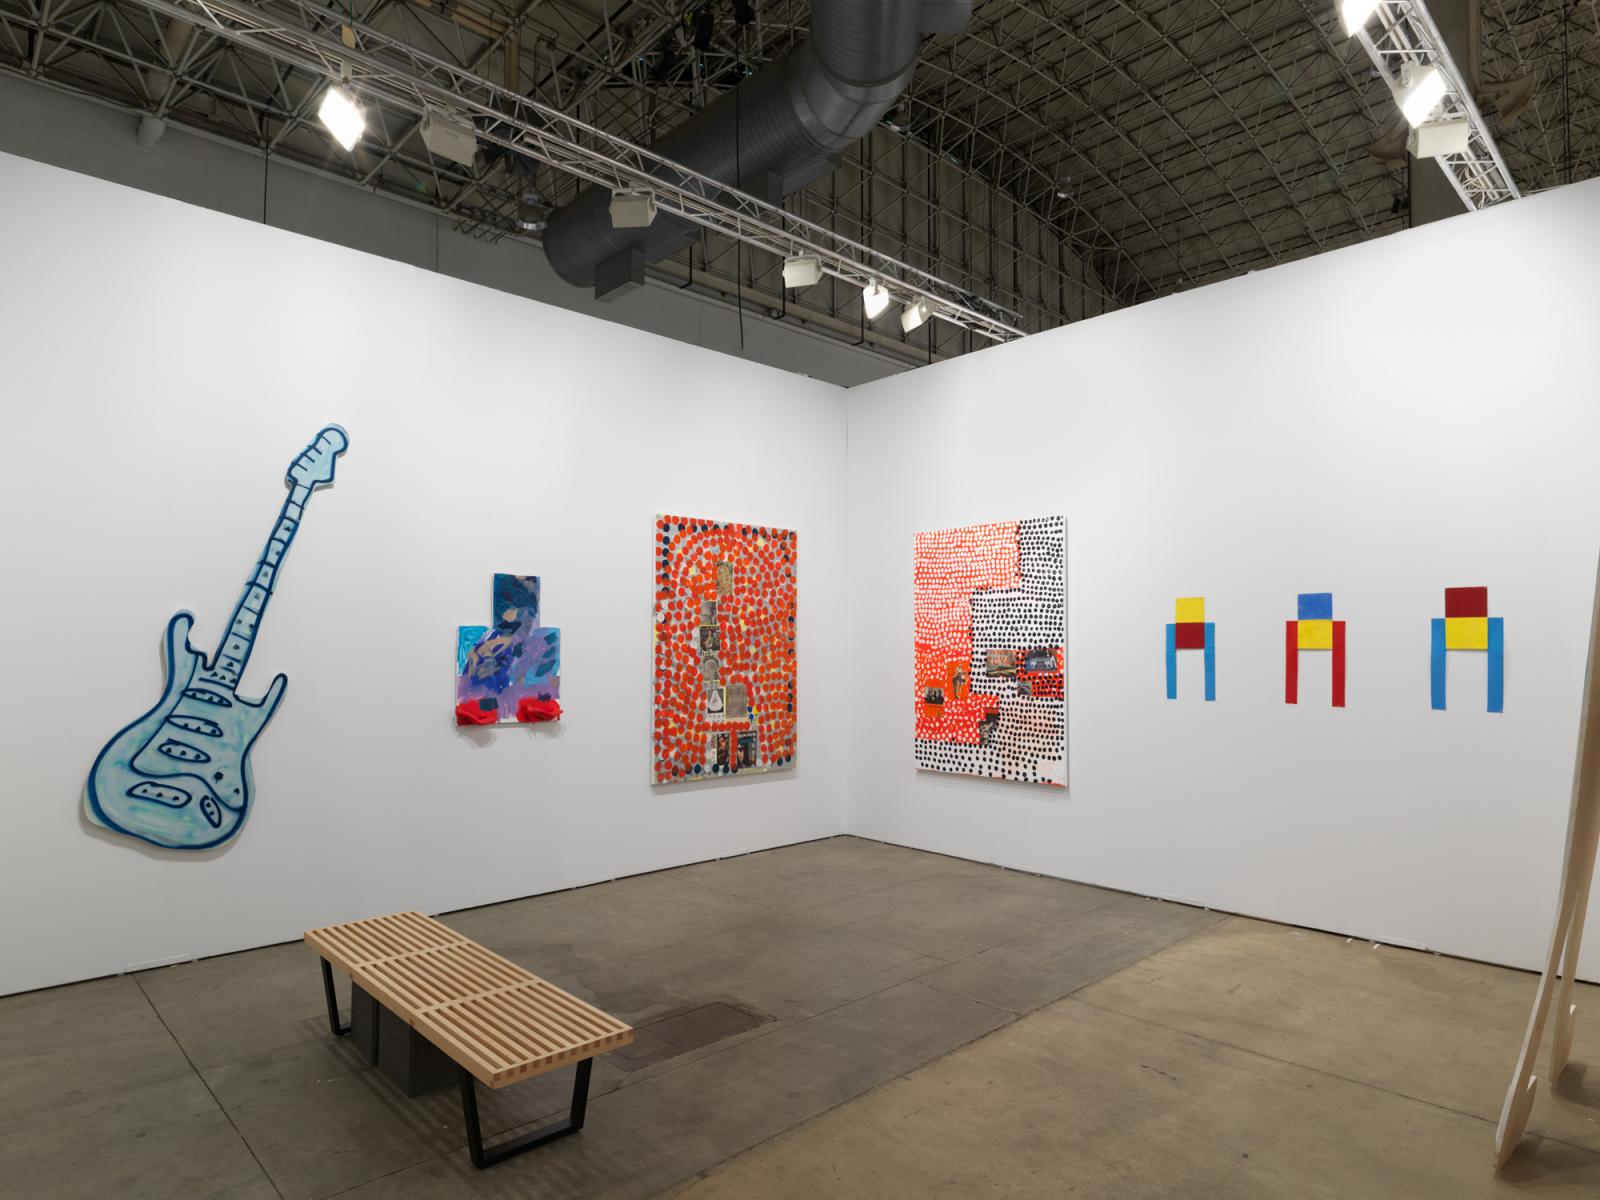 5_expo chicago 2019 87